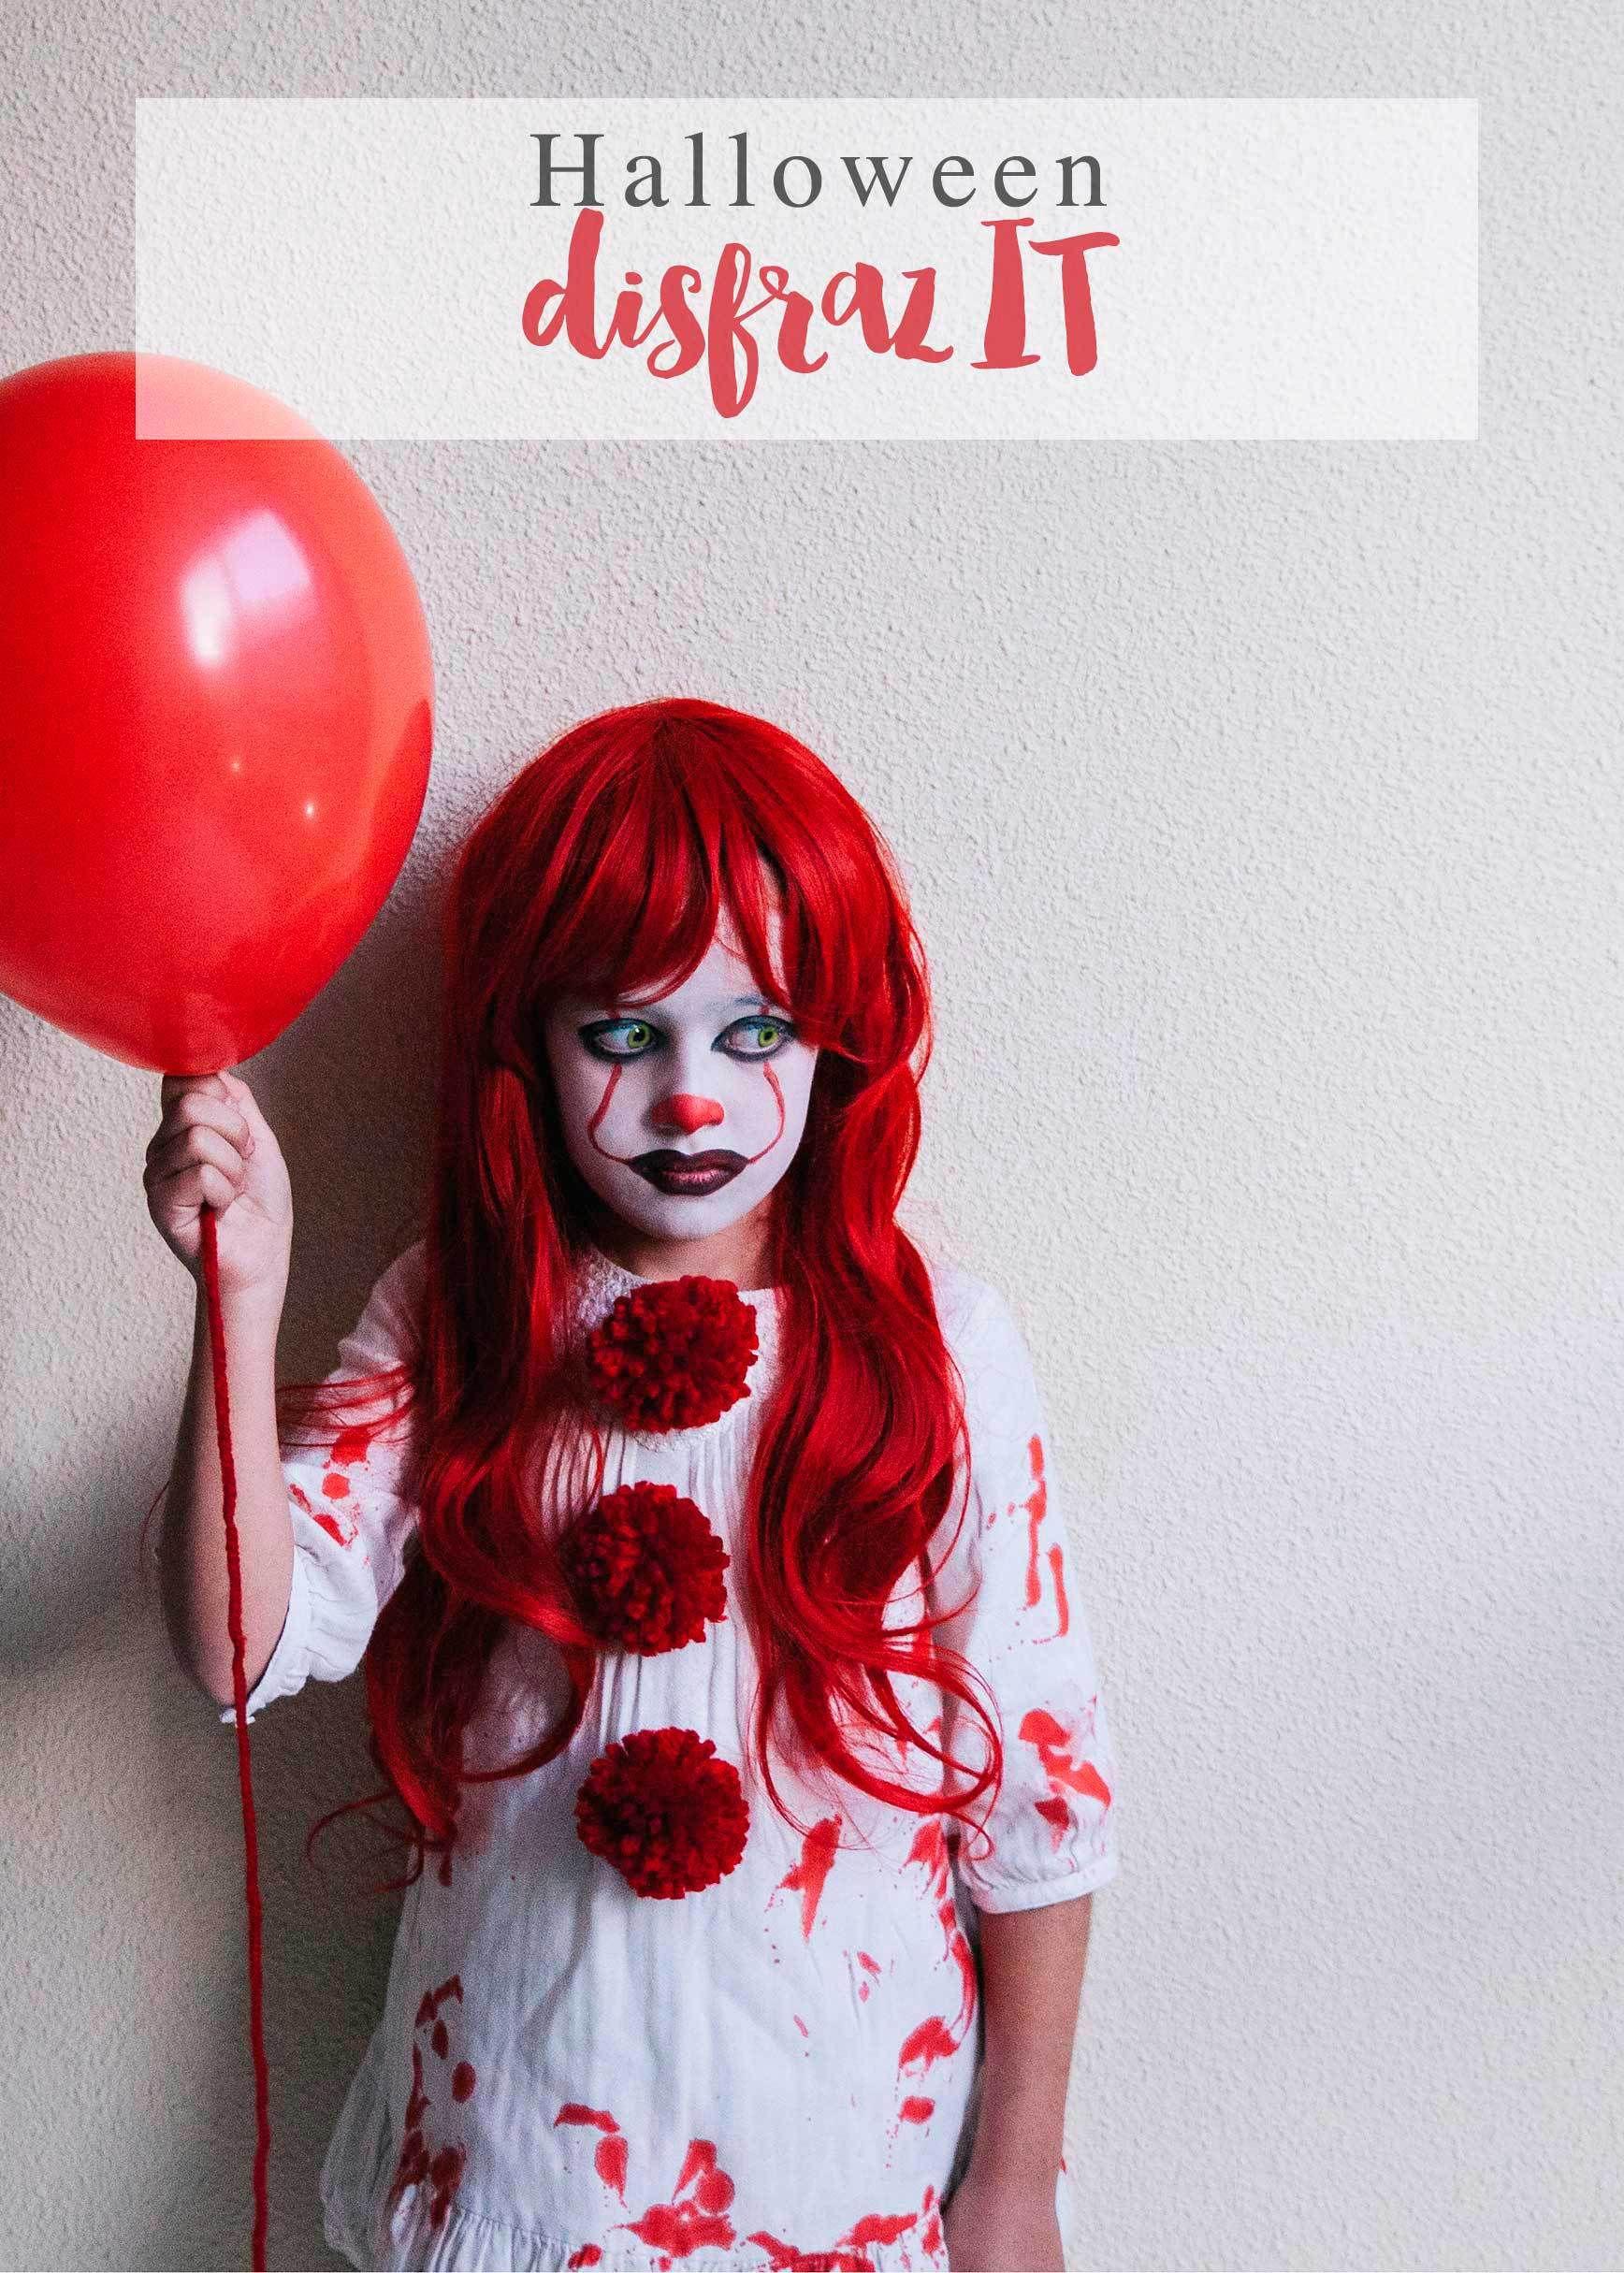 Disfraz casero de IT Disfraces de halloween para niños